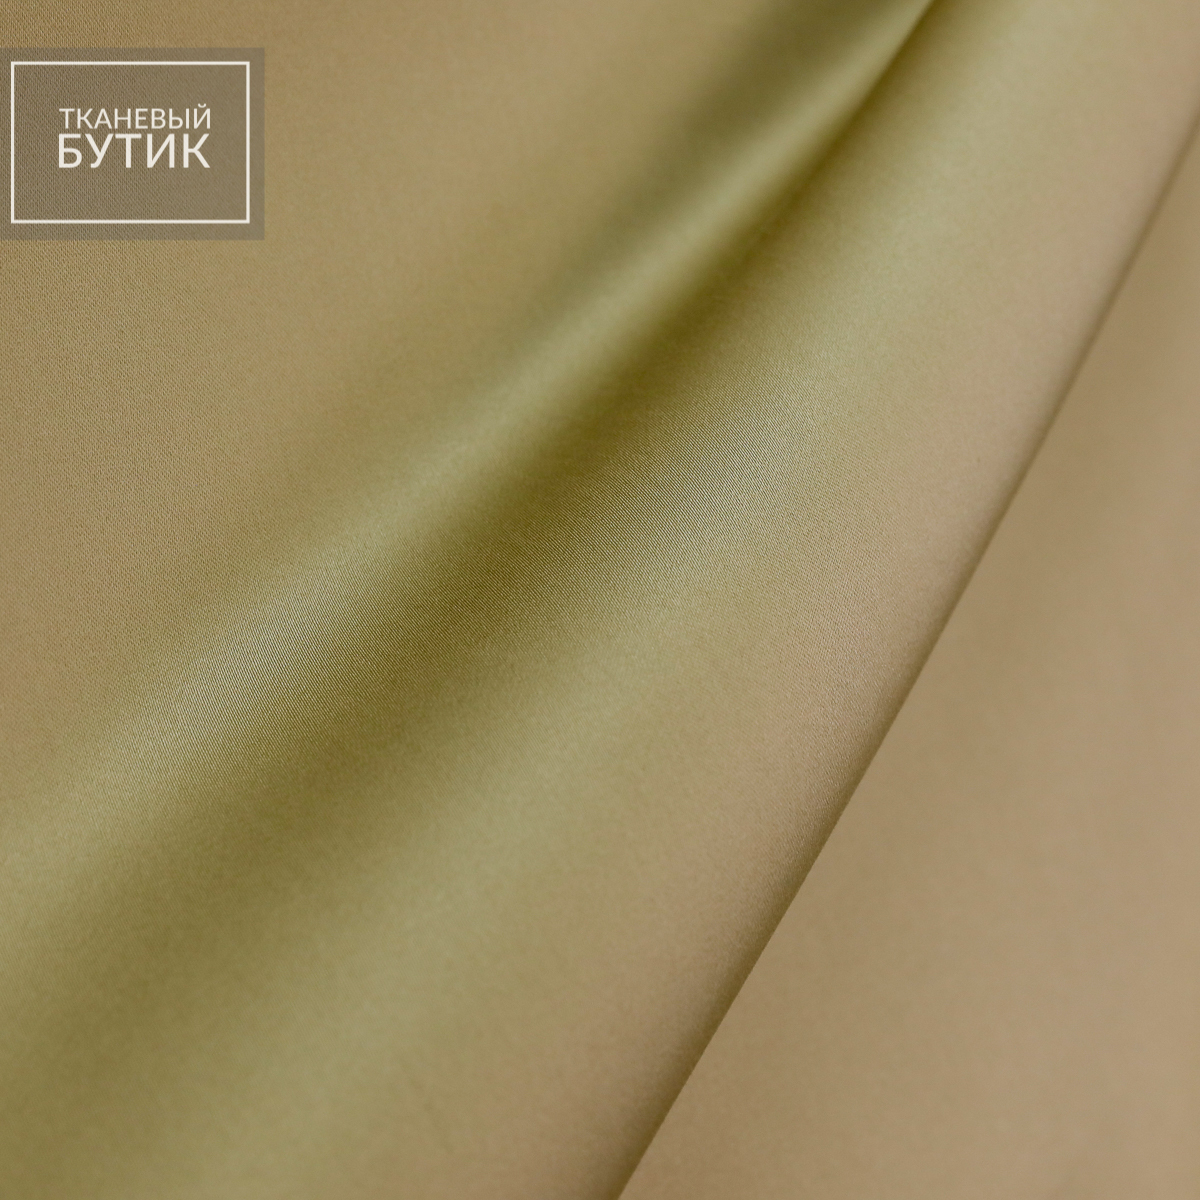 Тонкой хлопковый сатин с эластаном бежевого цвета